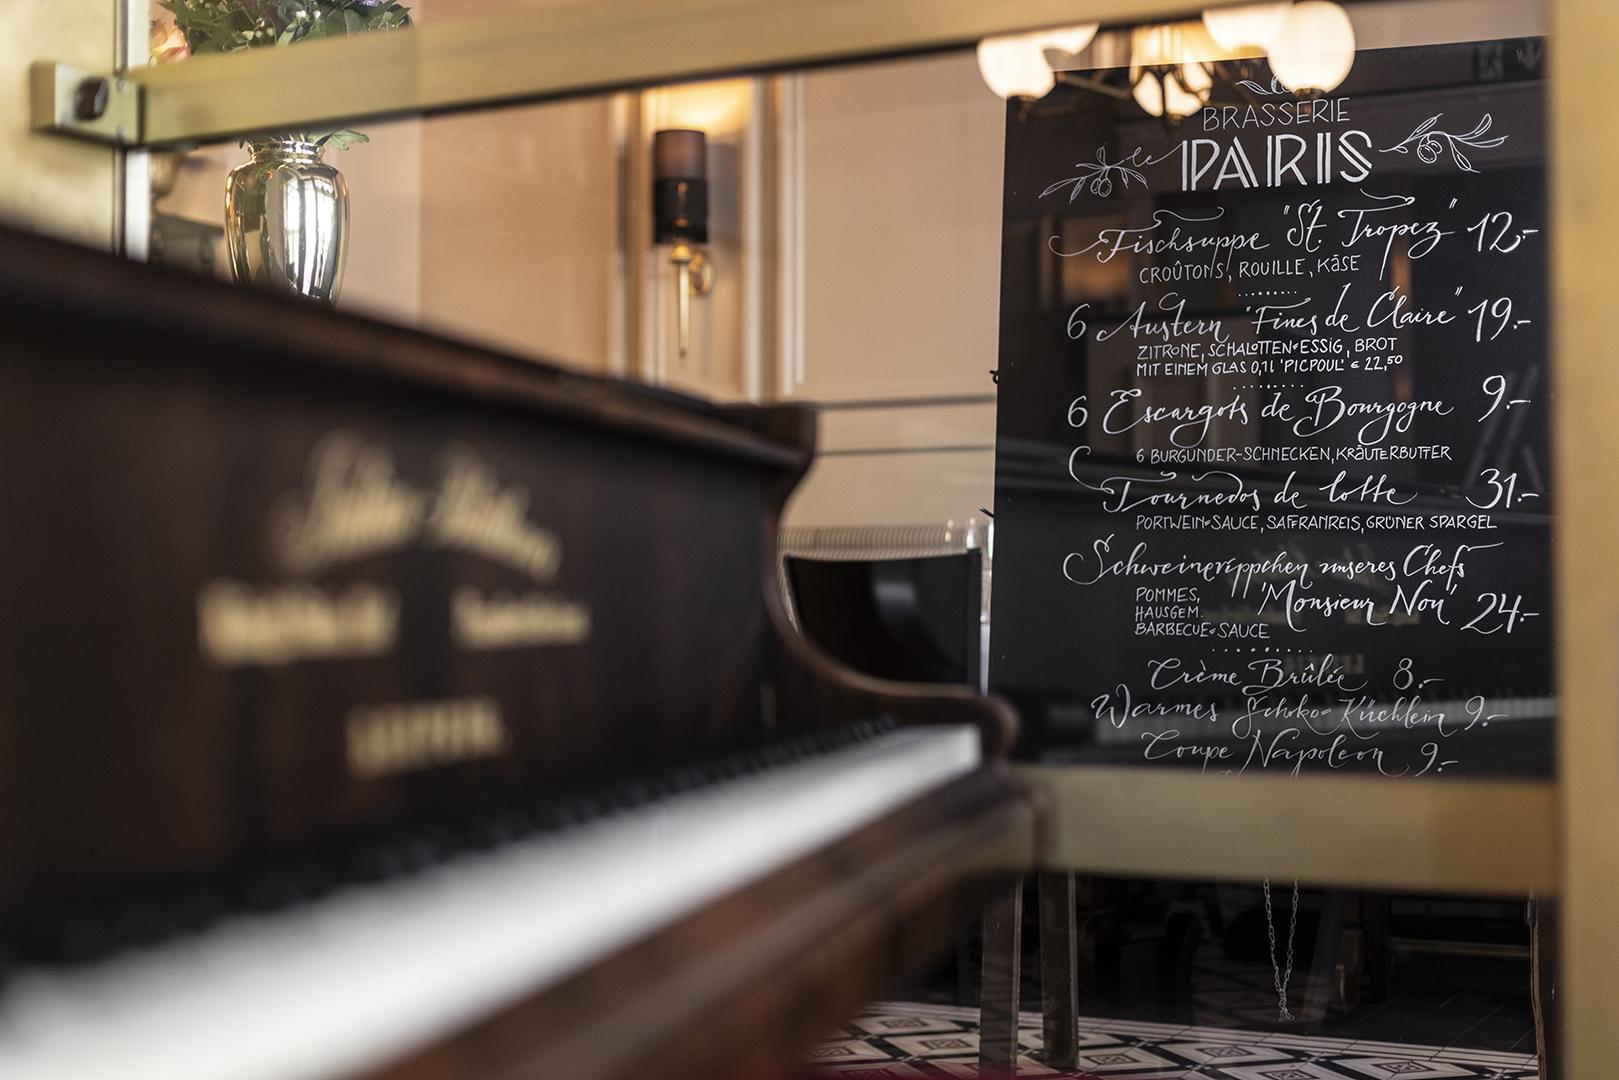 Brasserie Le Paris Kurfürstendamm 211 10719 Berlin https://brasserie-leparis.com/